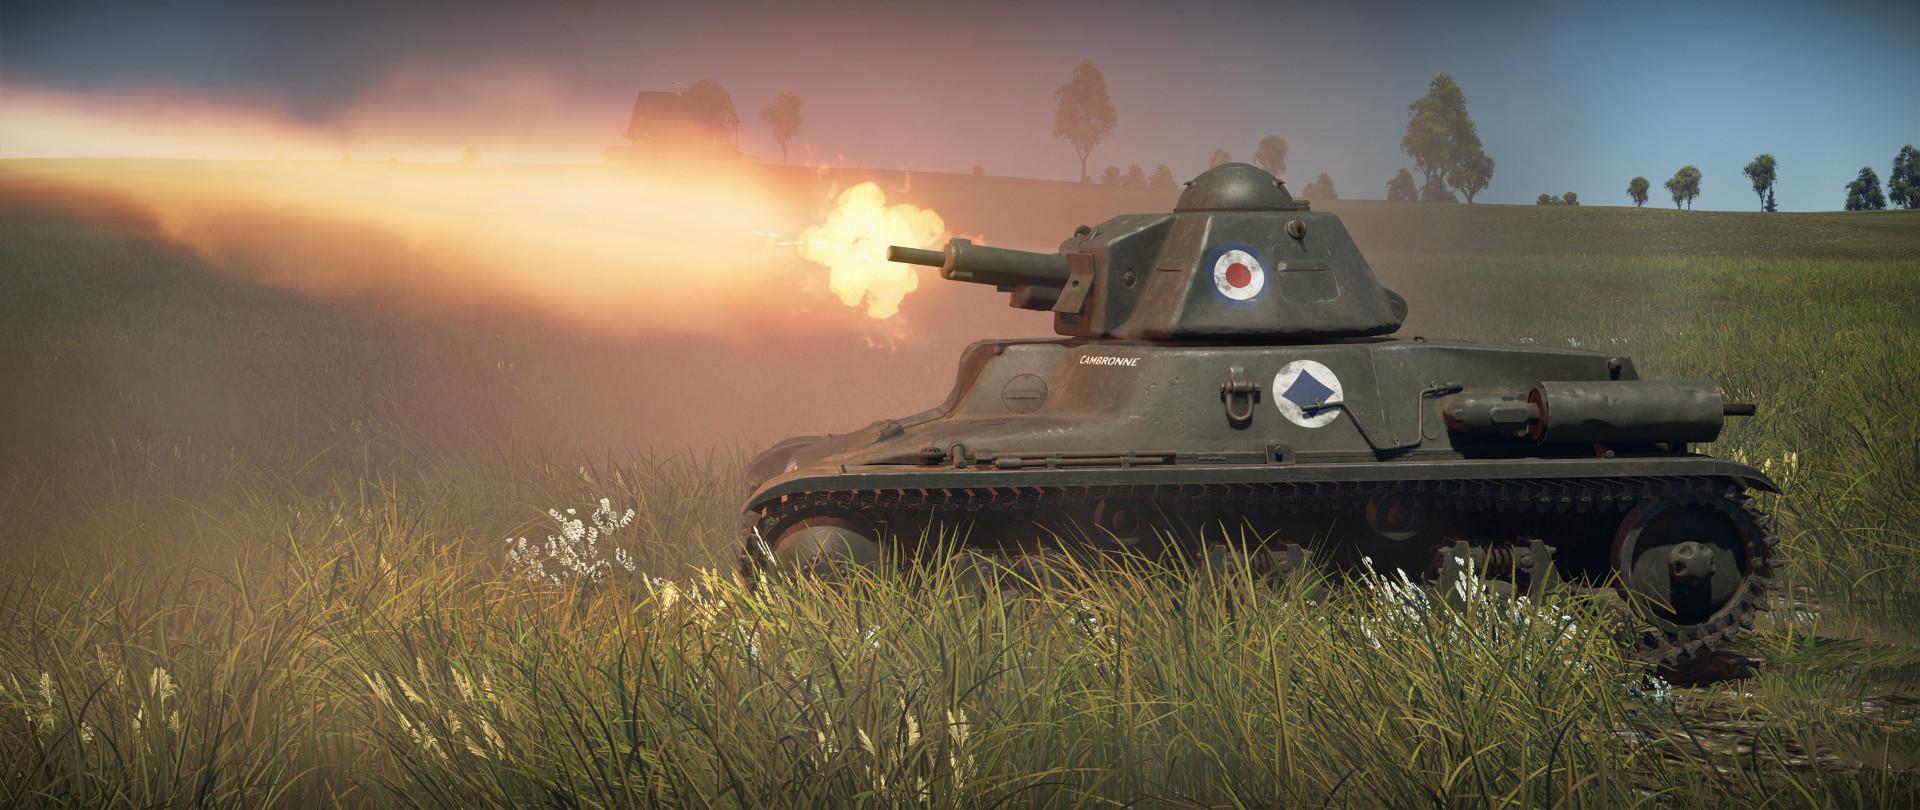 самая выгодная кредитная карта world of tanks